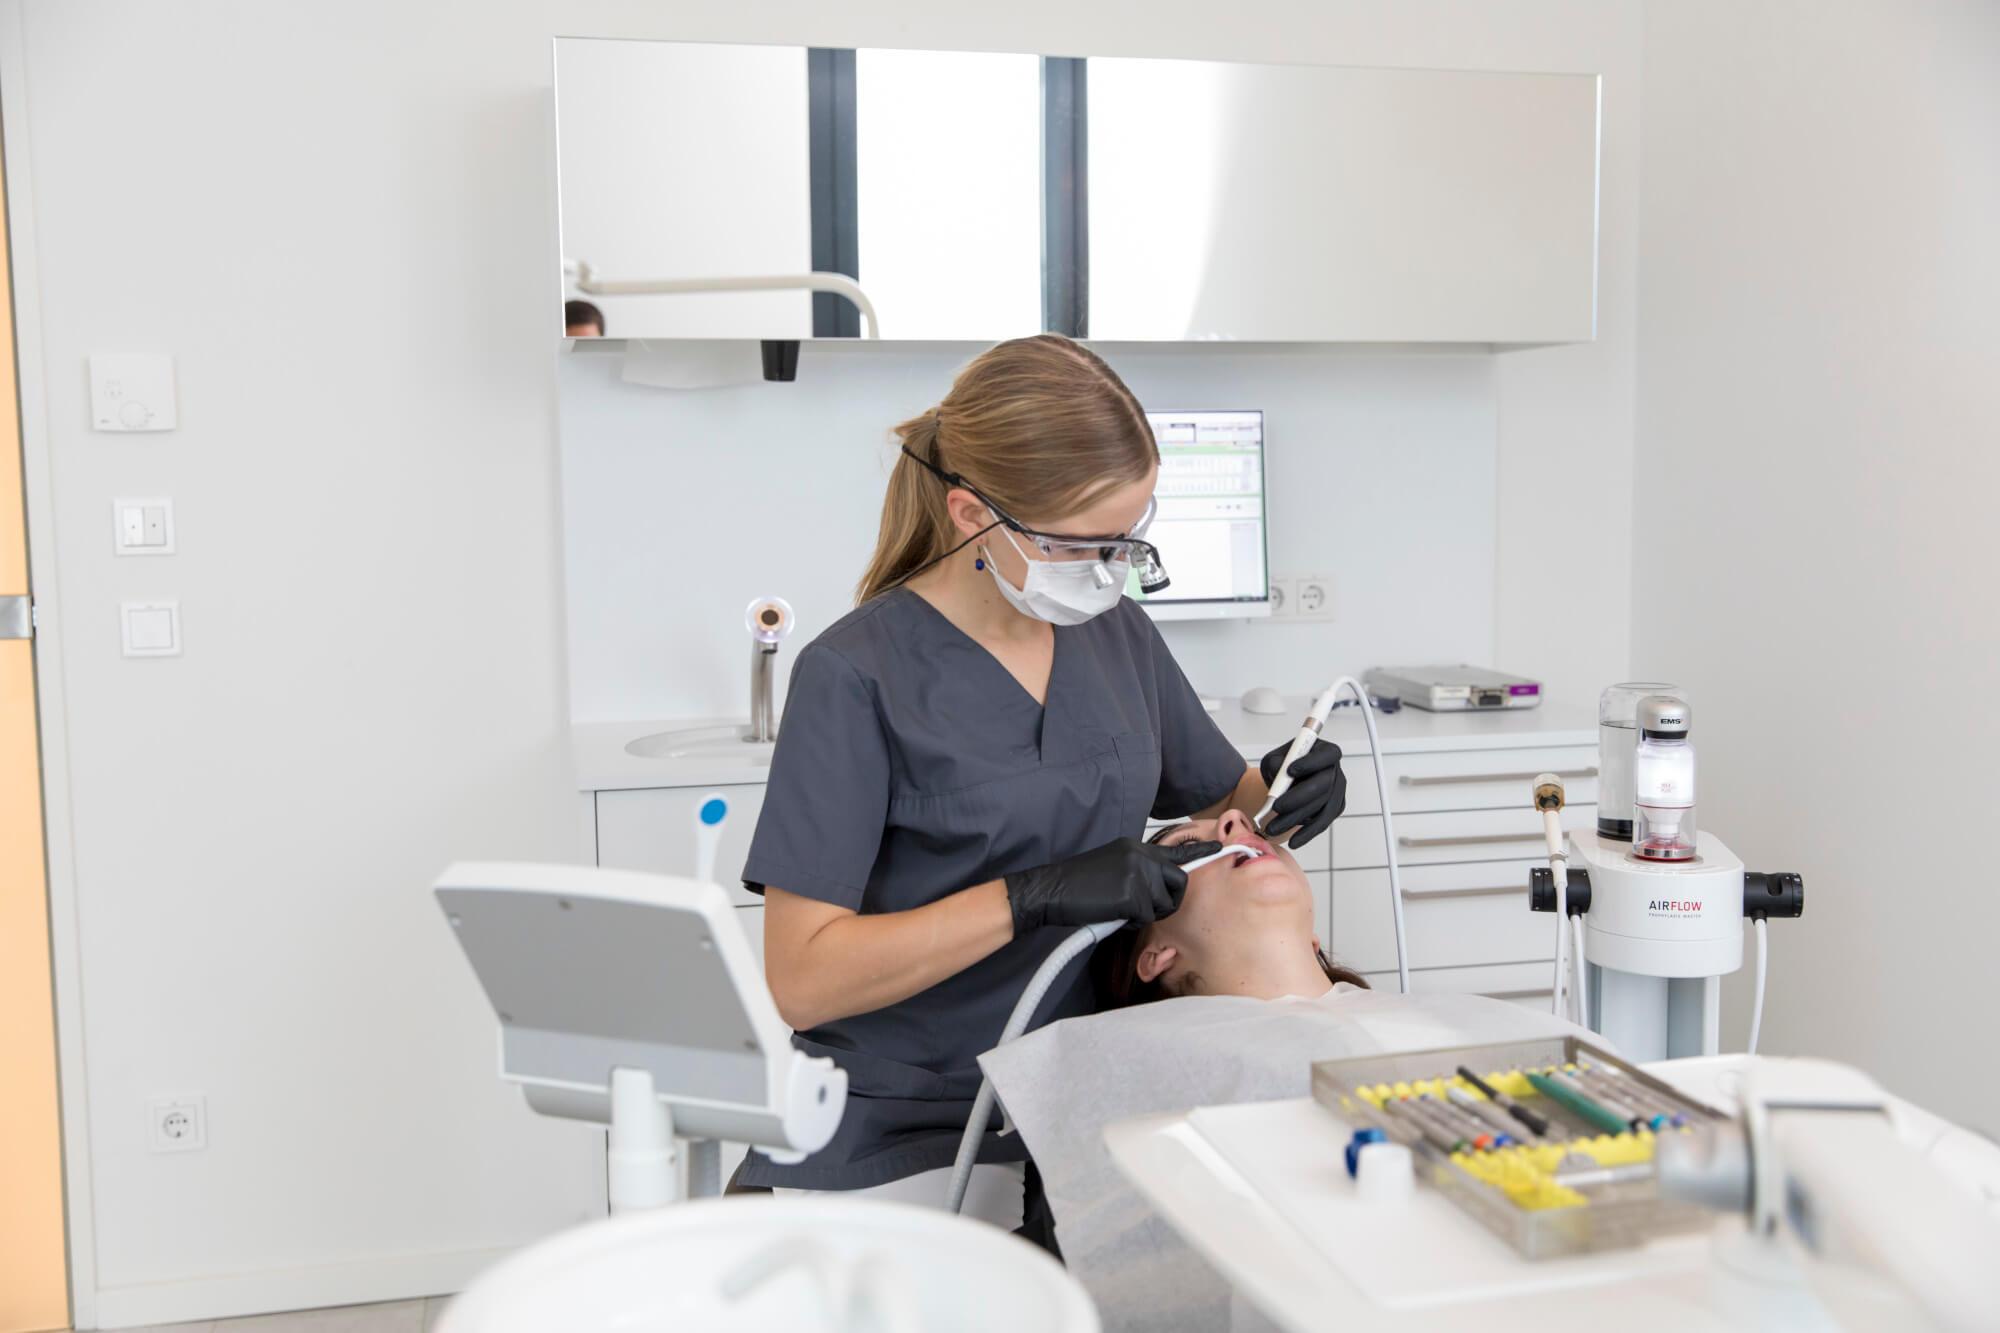 Mundgeruch entsteht hauptsächlich in der Mundhöhle und kann durch gute Zahn- und Zungenhygiene reduziert werden